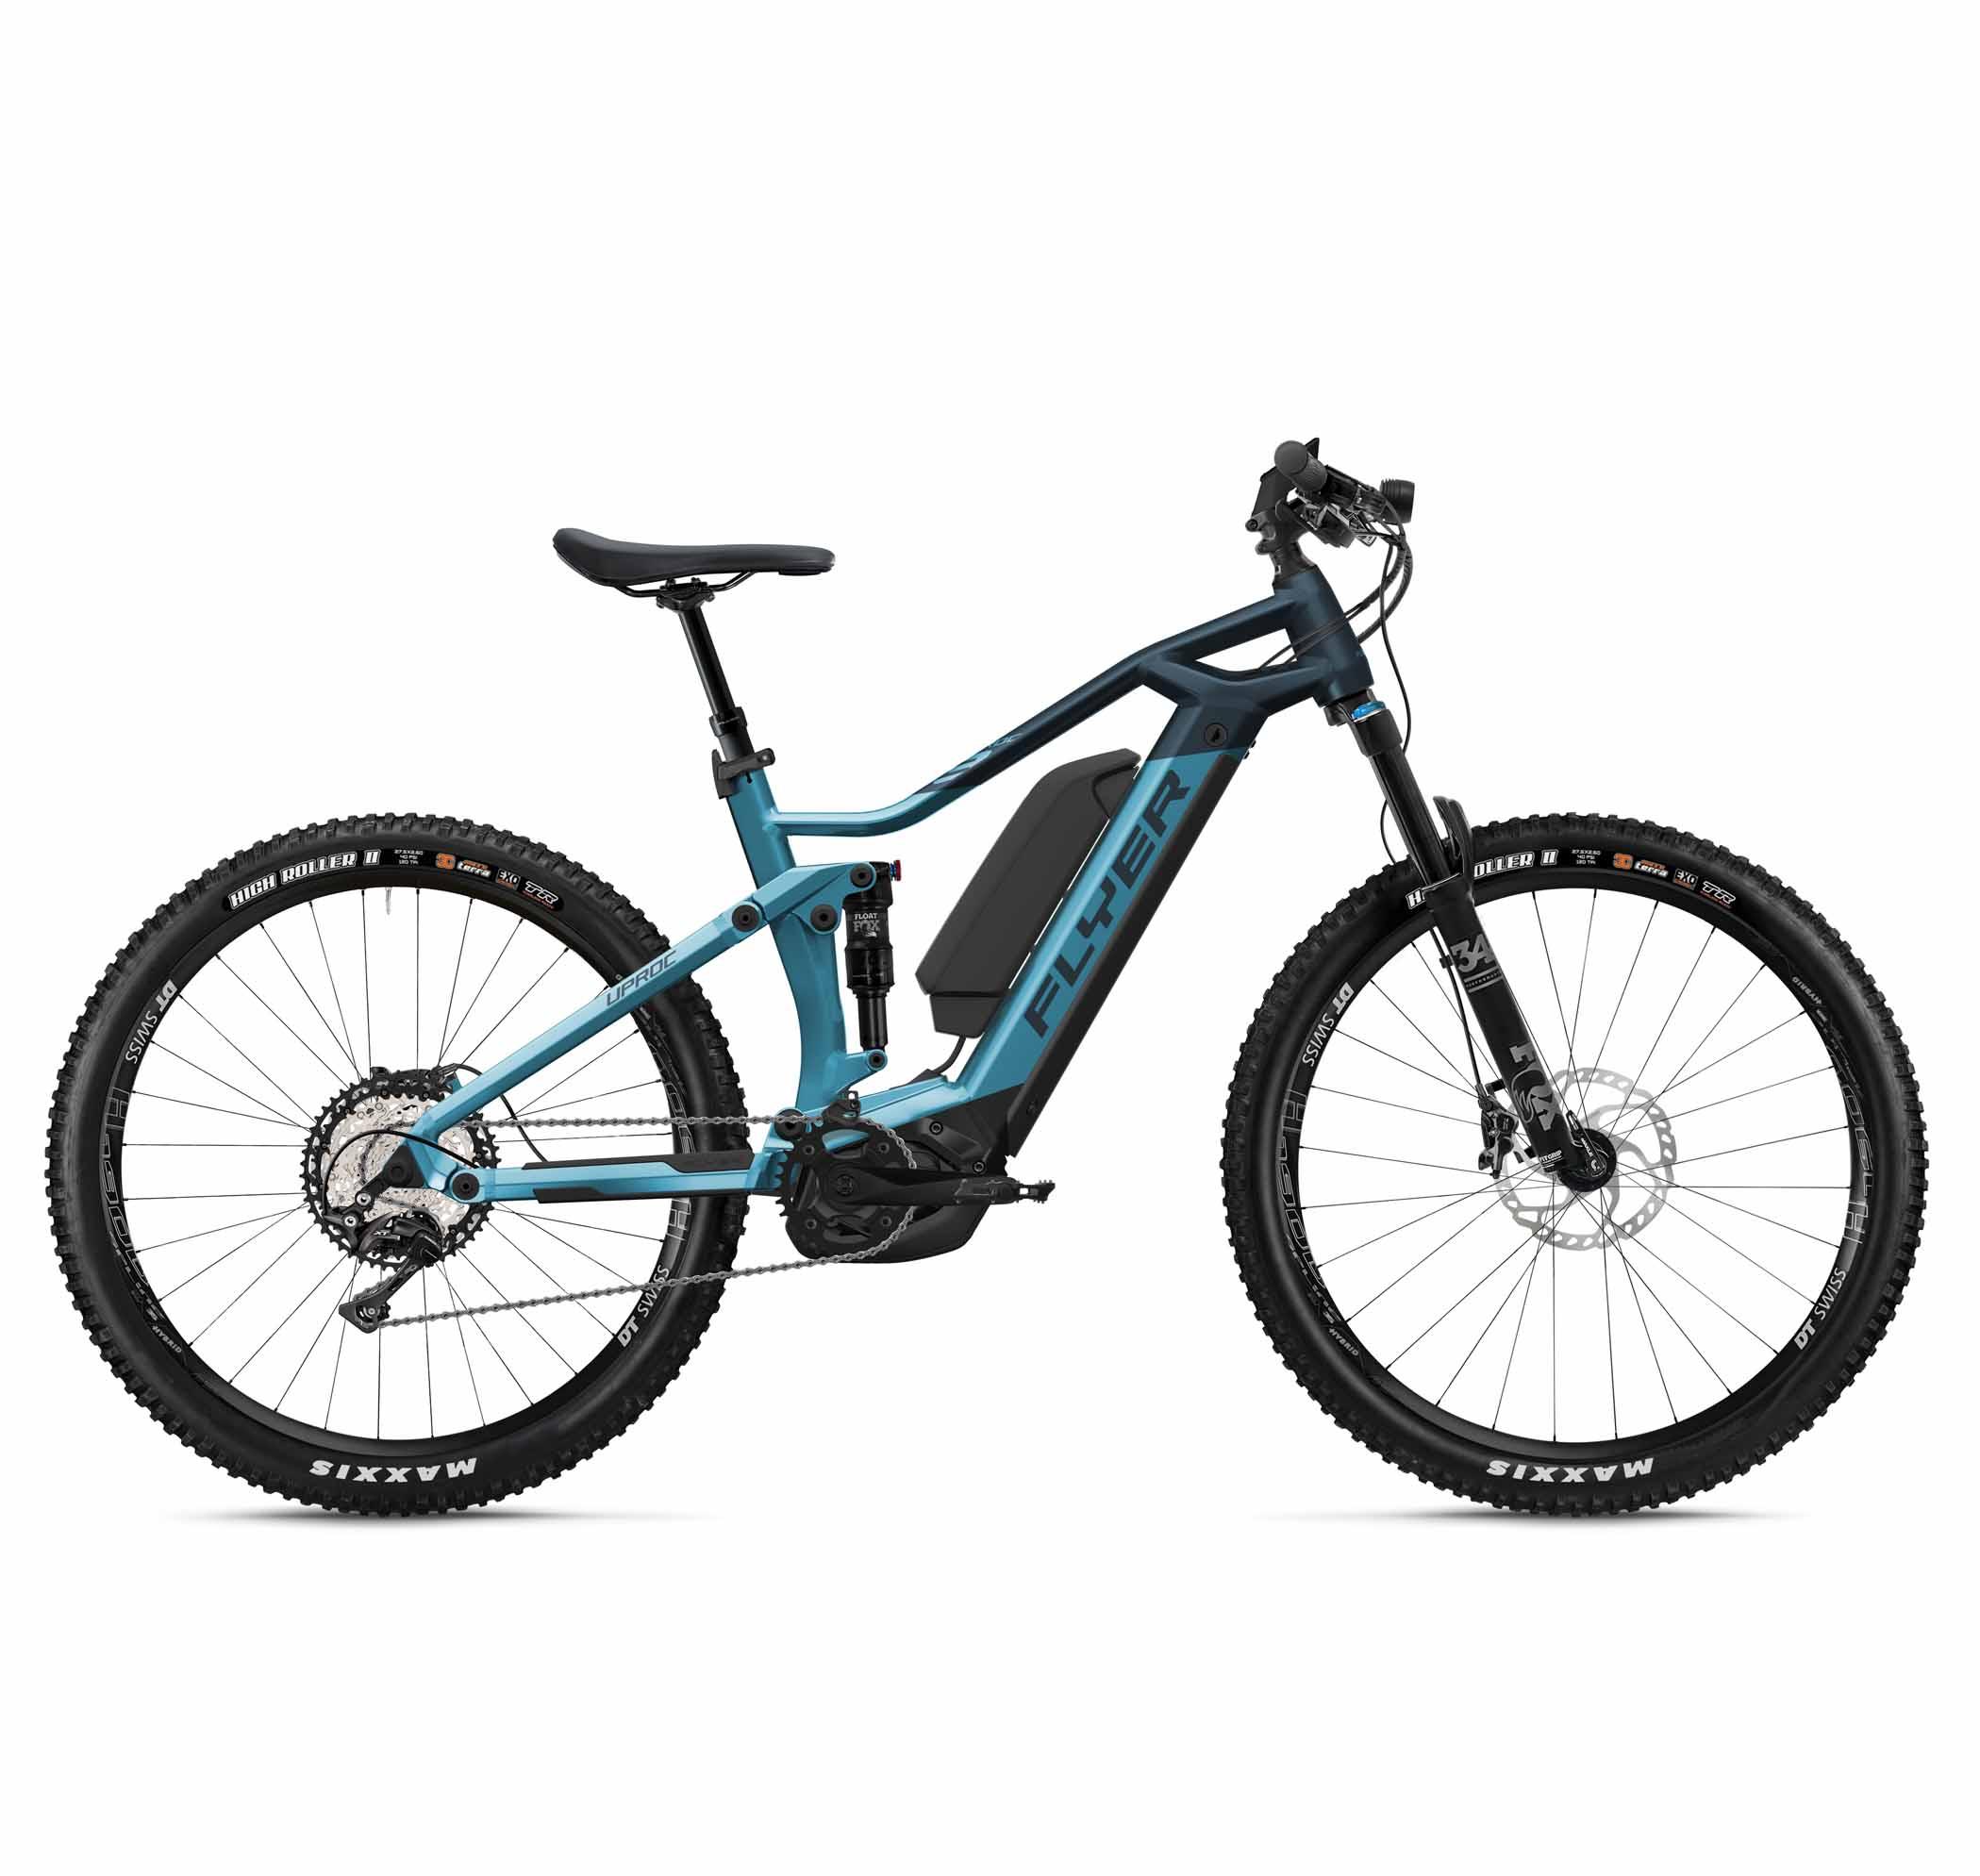 Flyer_Rodeo_Bike_Uproc_3_ebike